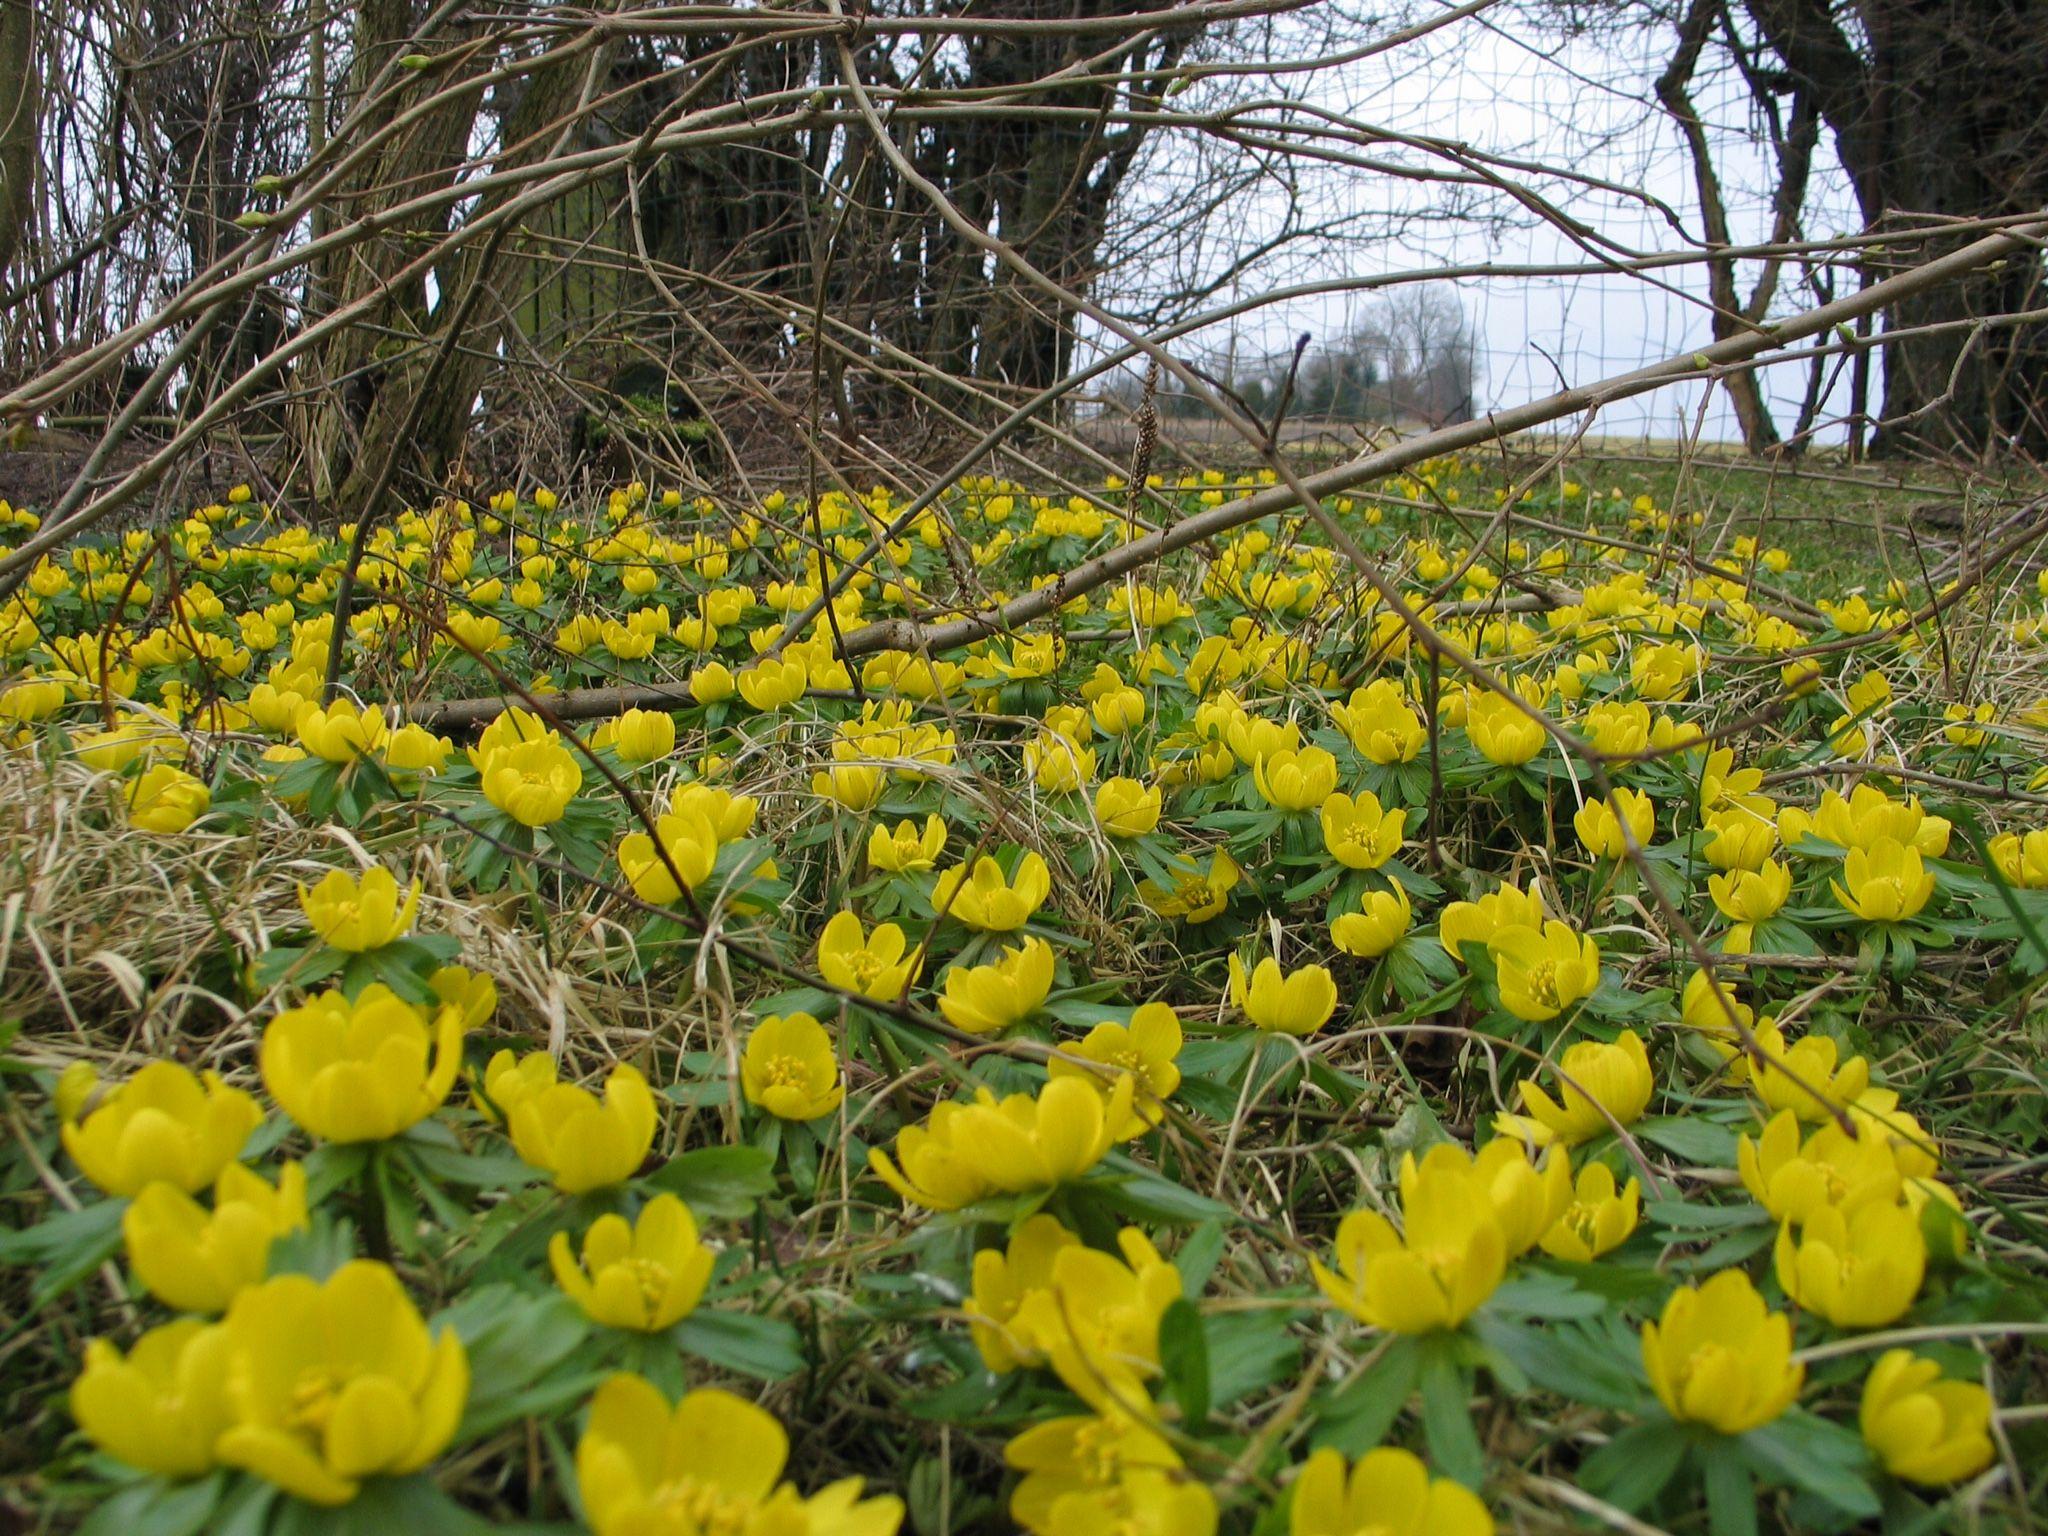 Erantis Eranthis hyemalis 10 cm gule blomster fra f¸rst i februar